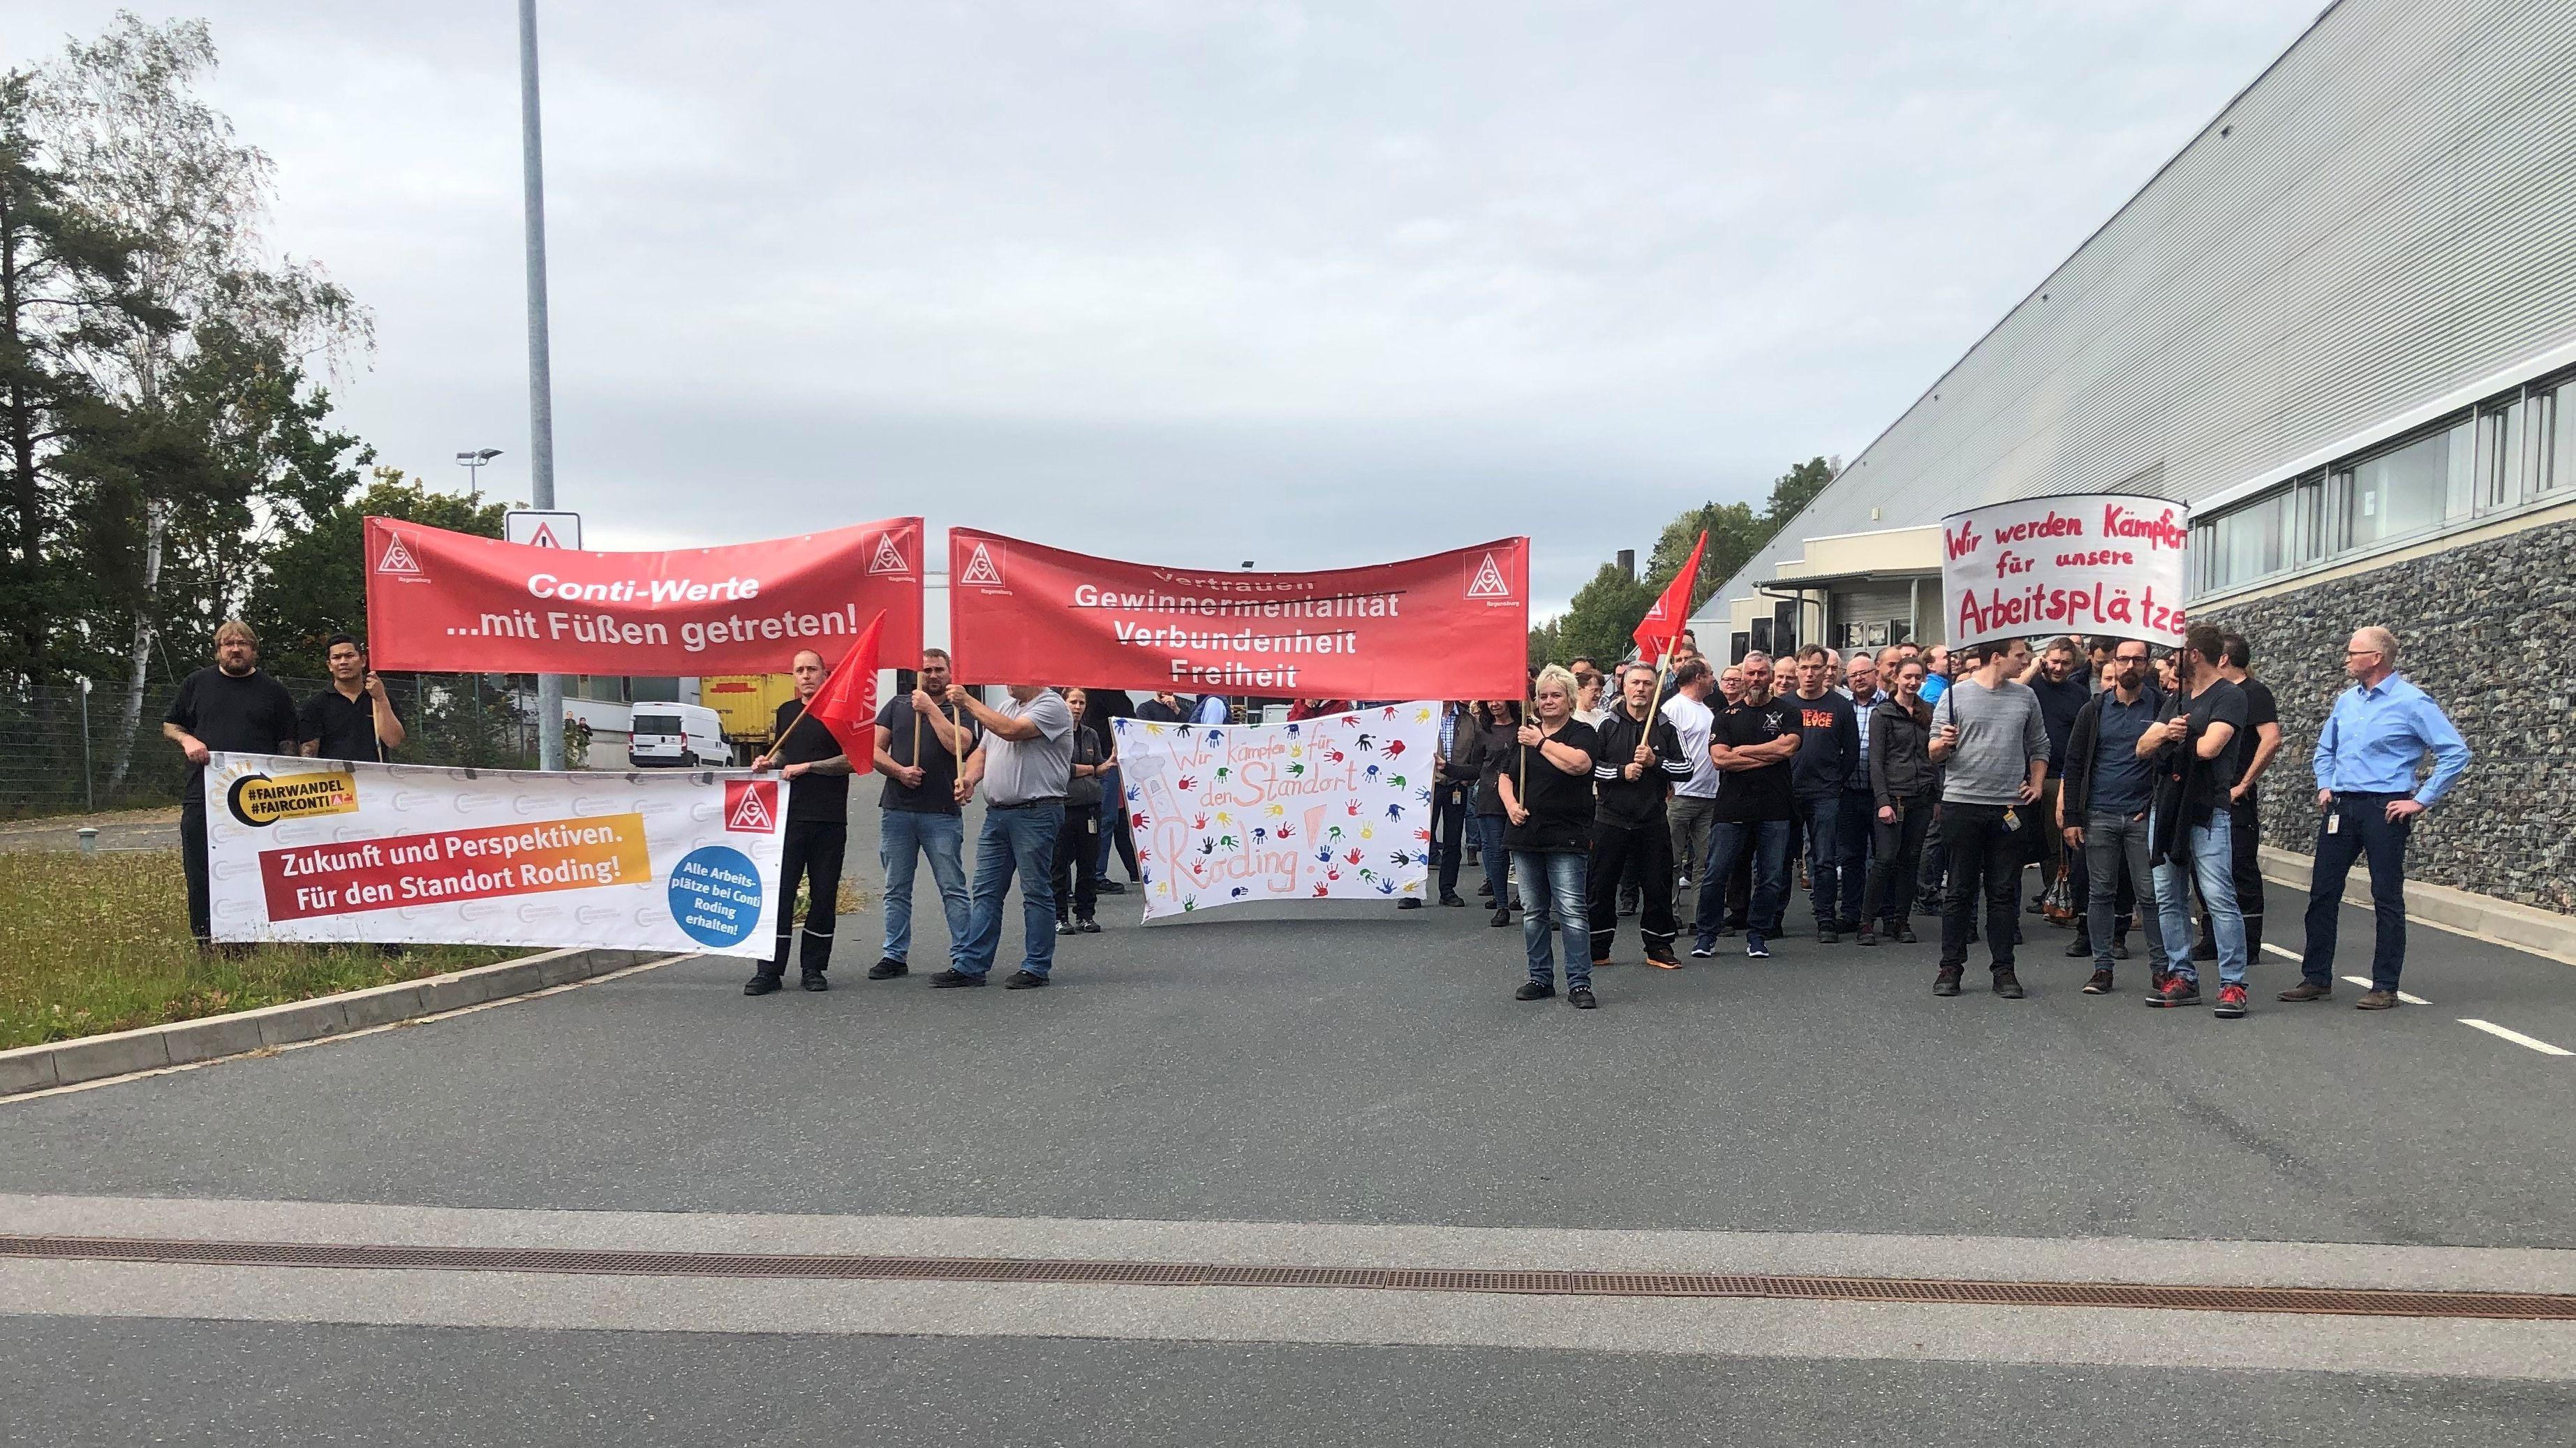 Mitarbeiter protestieren vor dem Conti-Werk in Roding